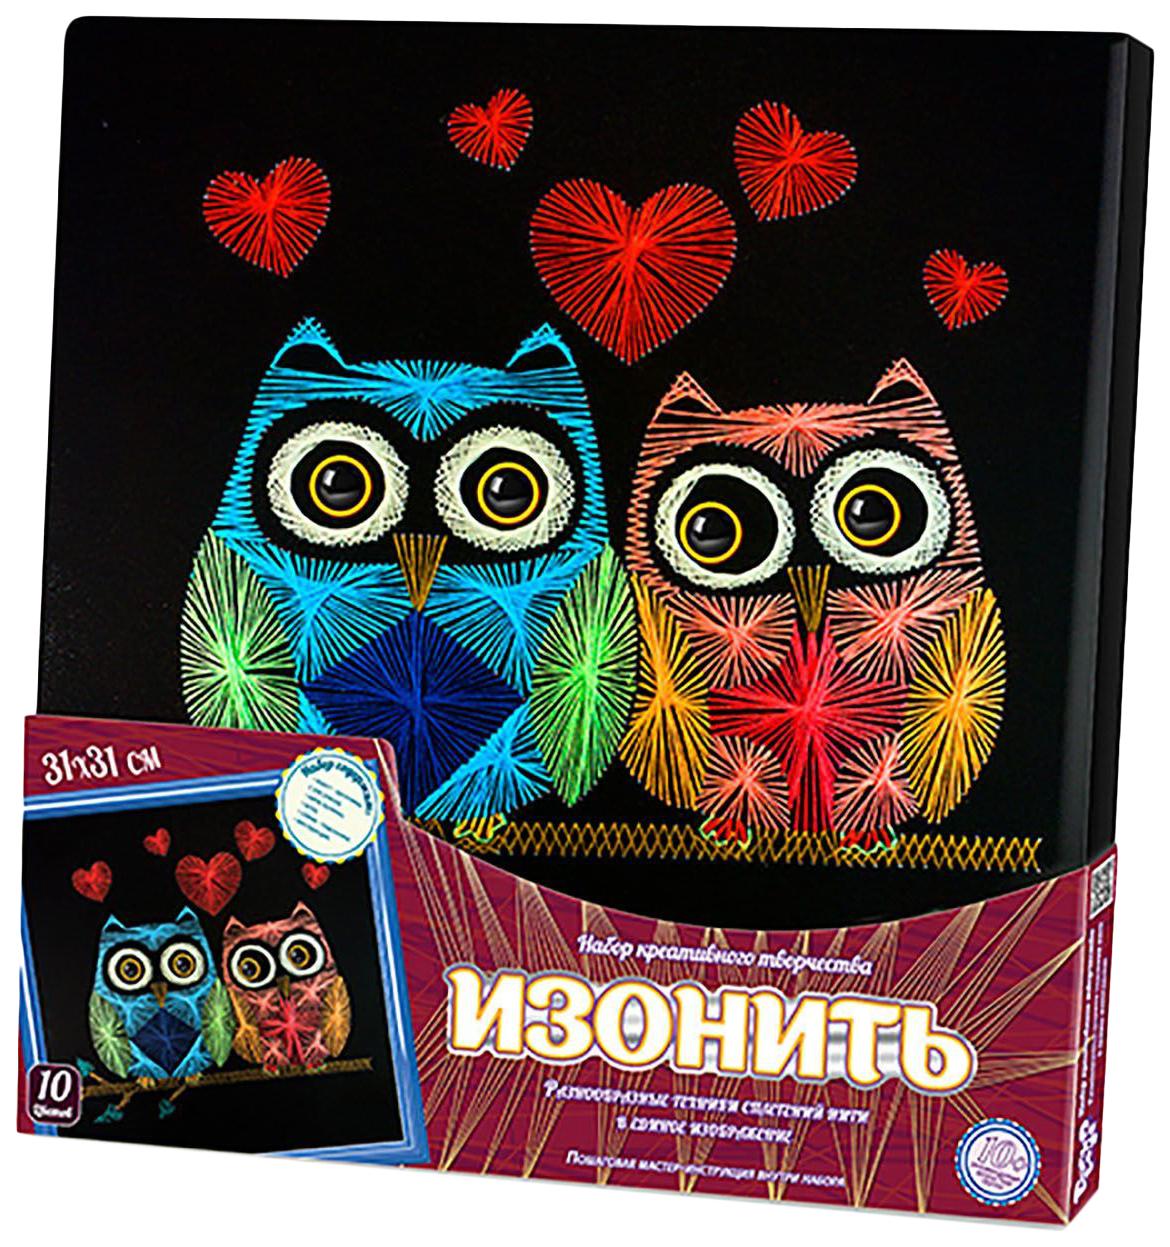 Купить Набор для творчества Изонить. Влюблённые совы Данко Тойс / Danko Toys, Рукоделие